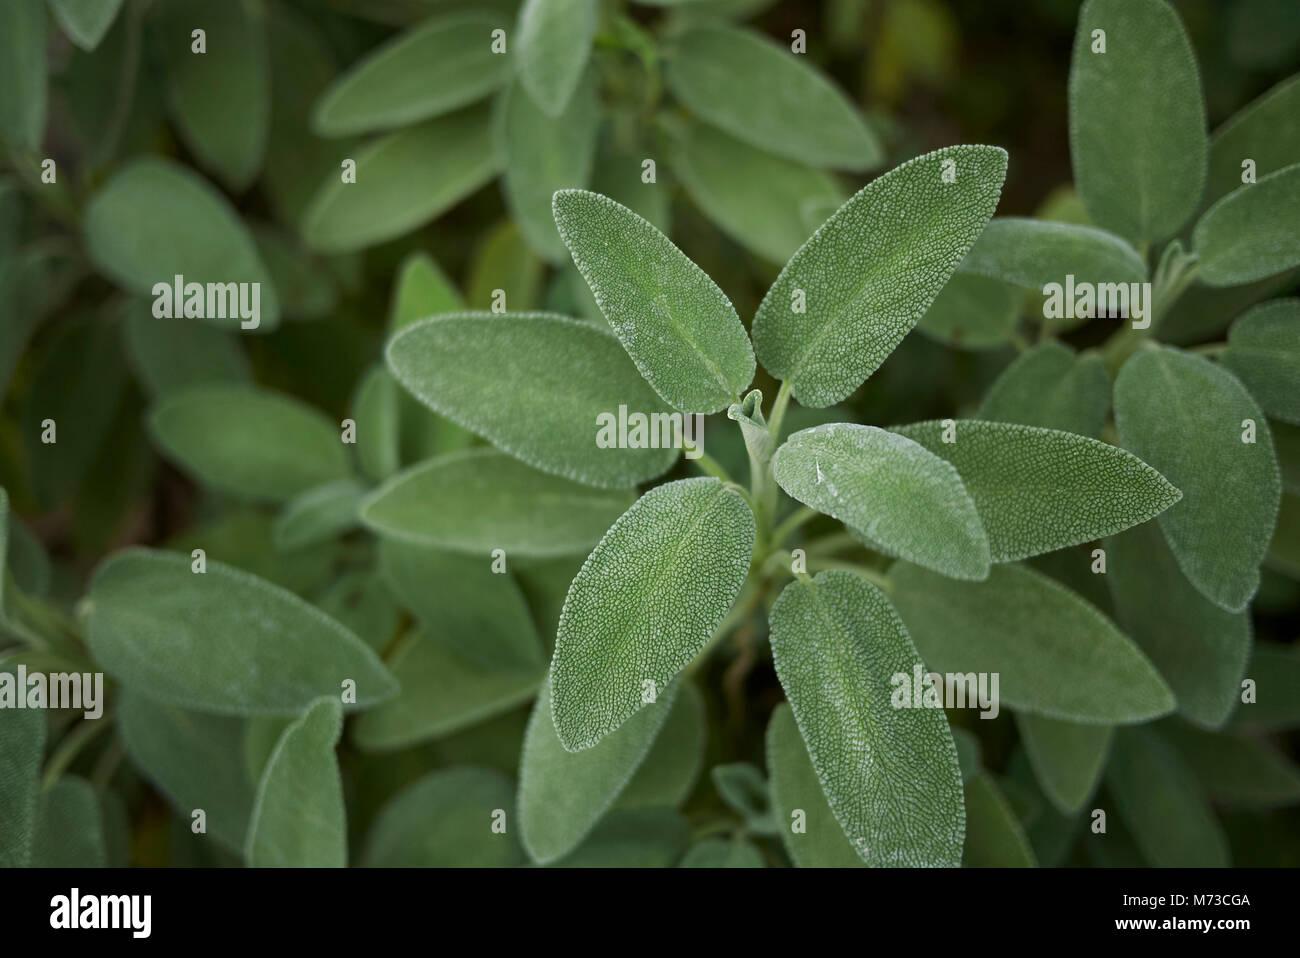 salvia officinalis close up - Stock Image